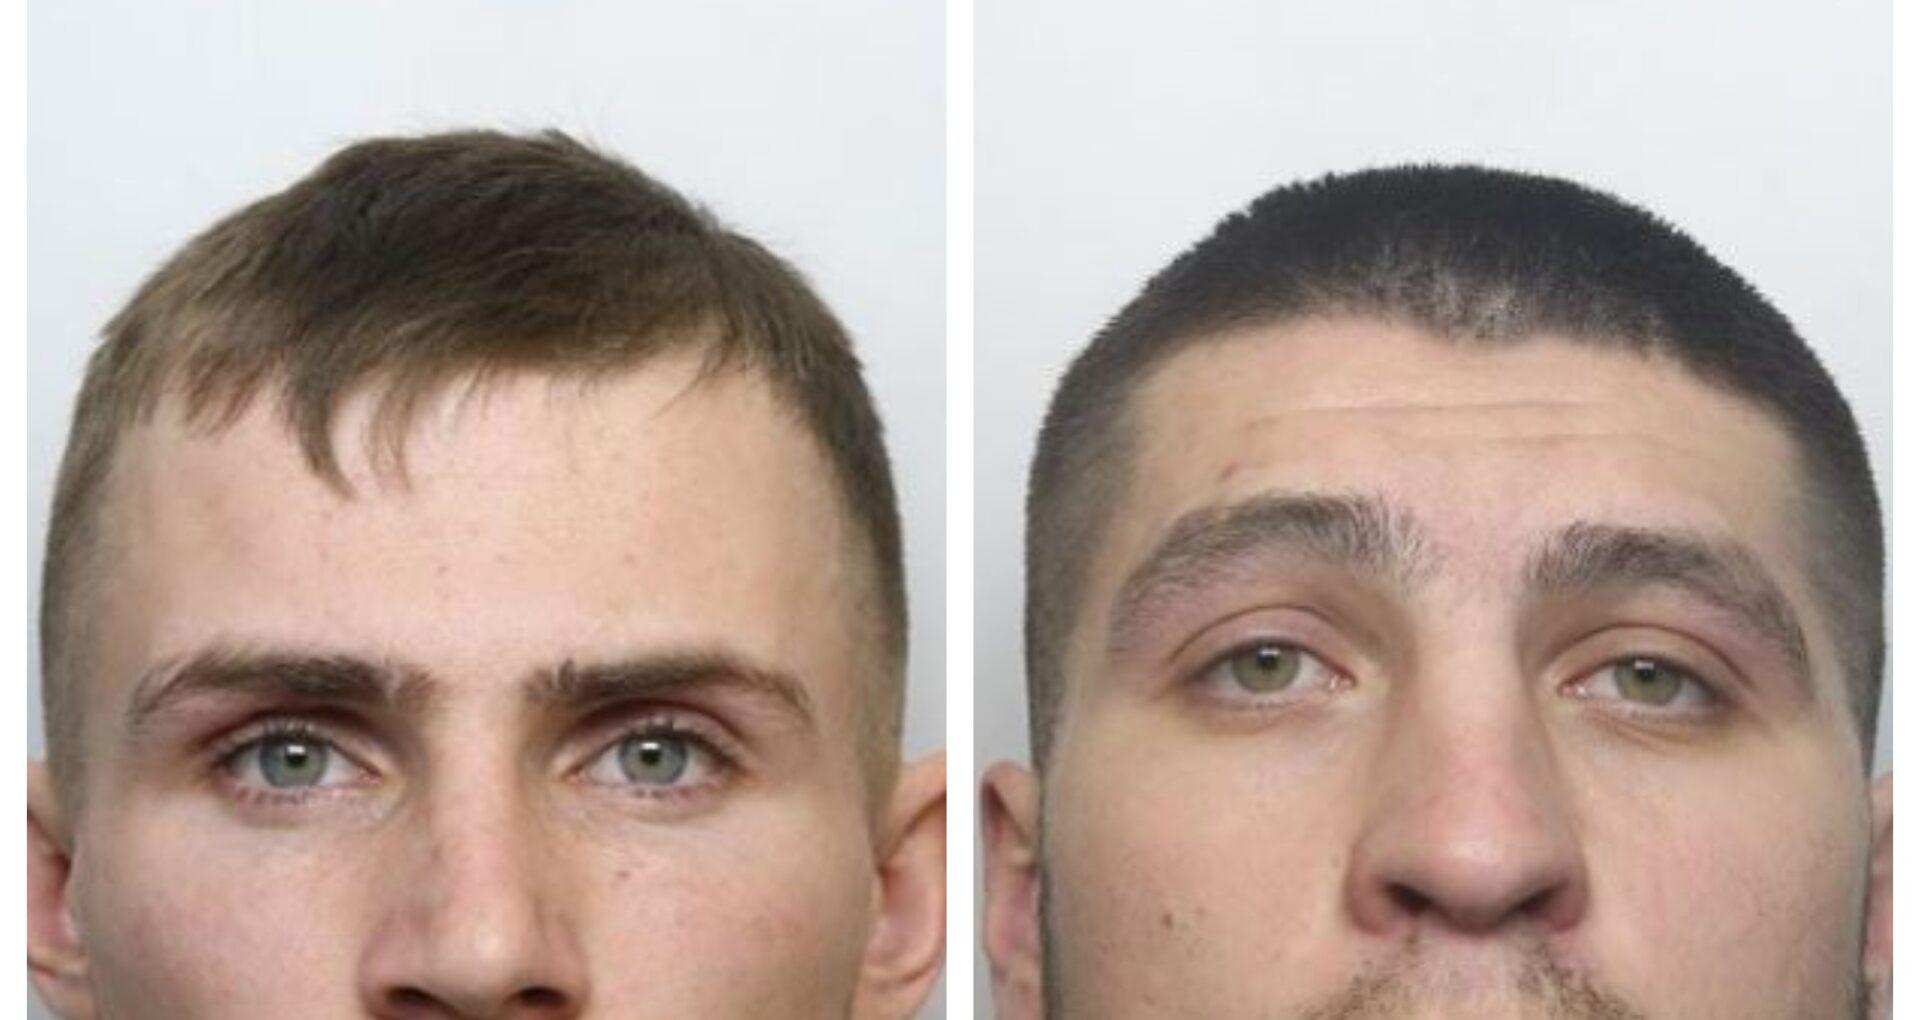 Doi moldoveni au fost găsiți vinovați într-un dosar de răpire, viol și agresiune sexuală, de un tribunal din Londra